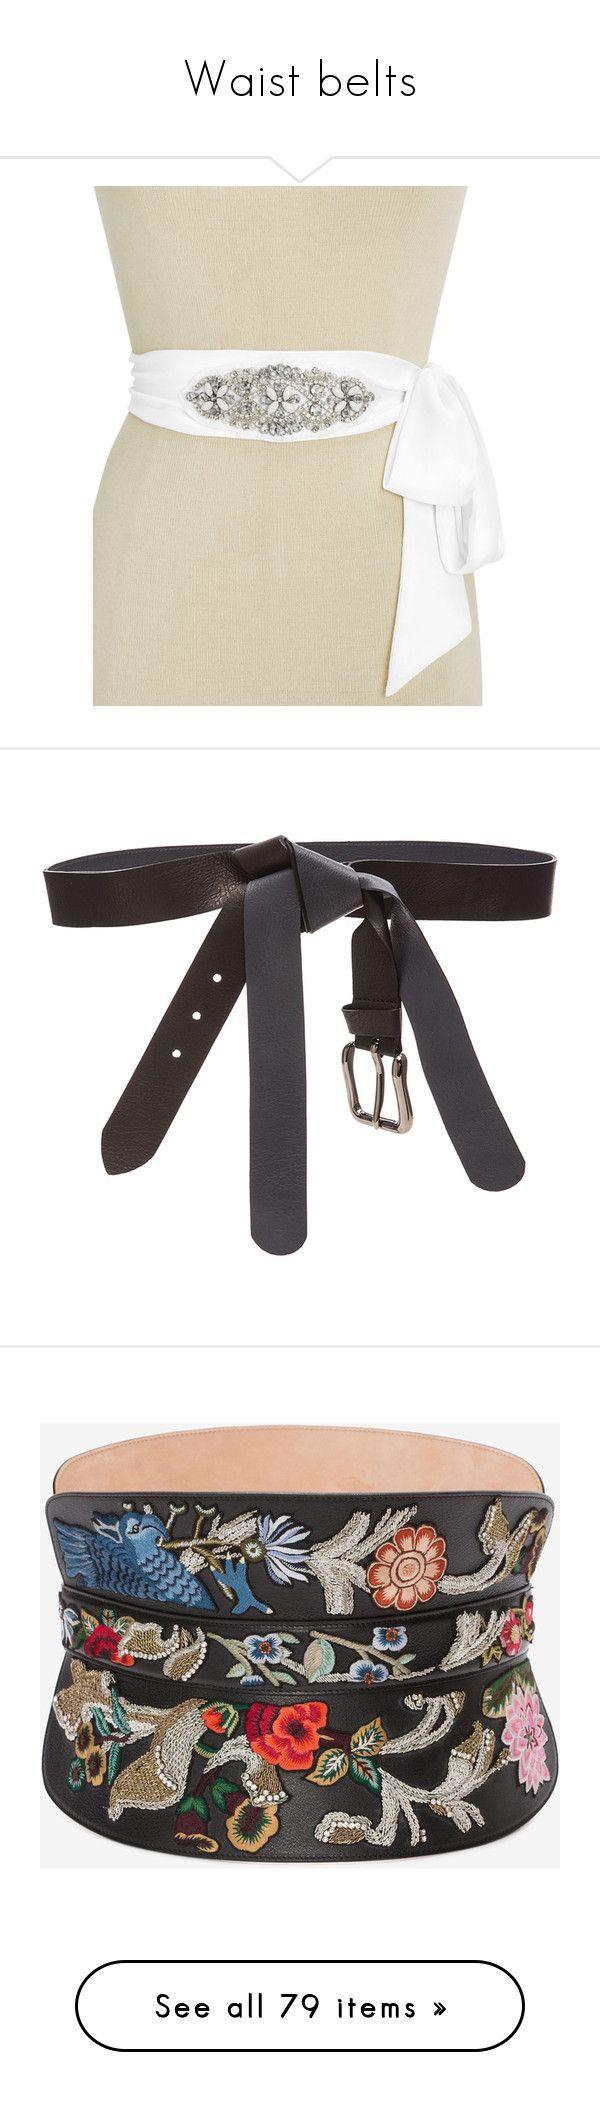 """""""Waist belts"""" by sjpj ❤ liked on Polyvore featuring accessories, belts, white, embellished belt, sparkly belt, inc international concepts, bridal sash belt, white belt, maison margiela belt and knot belt"""